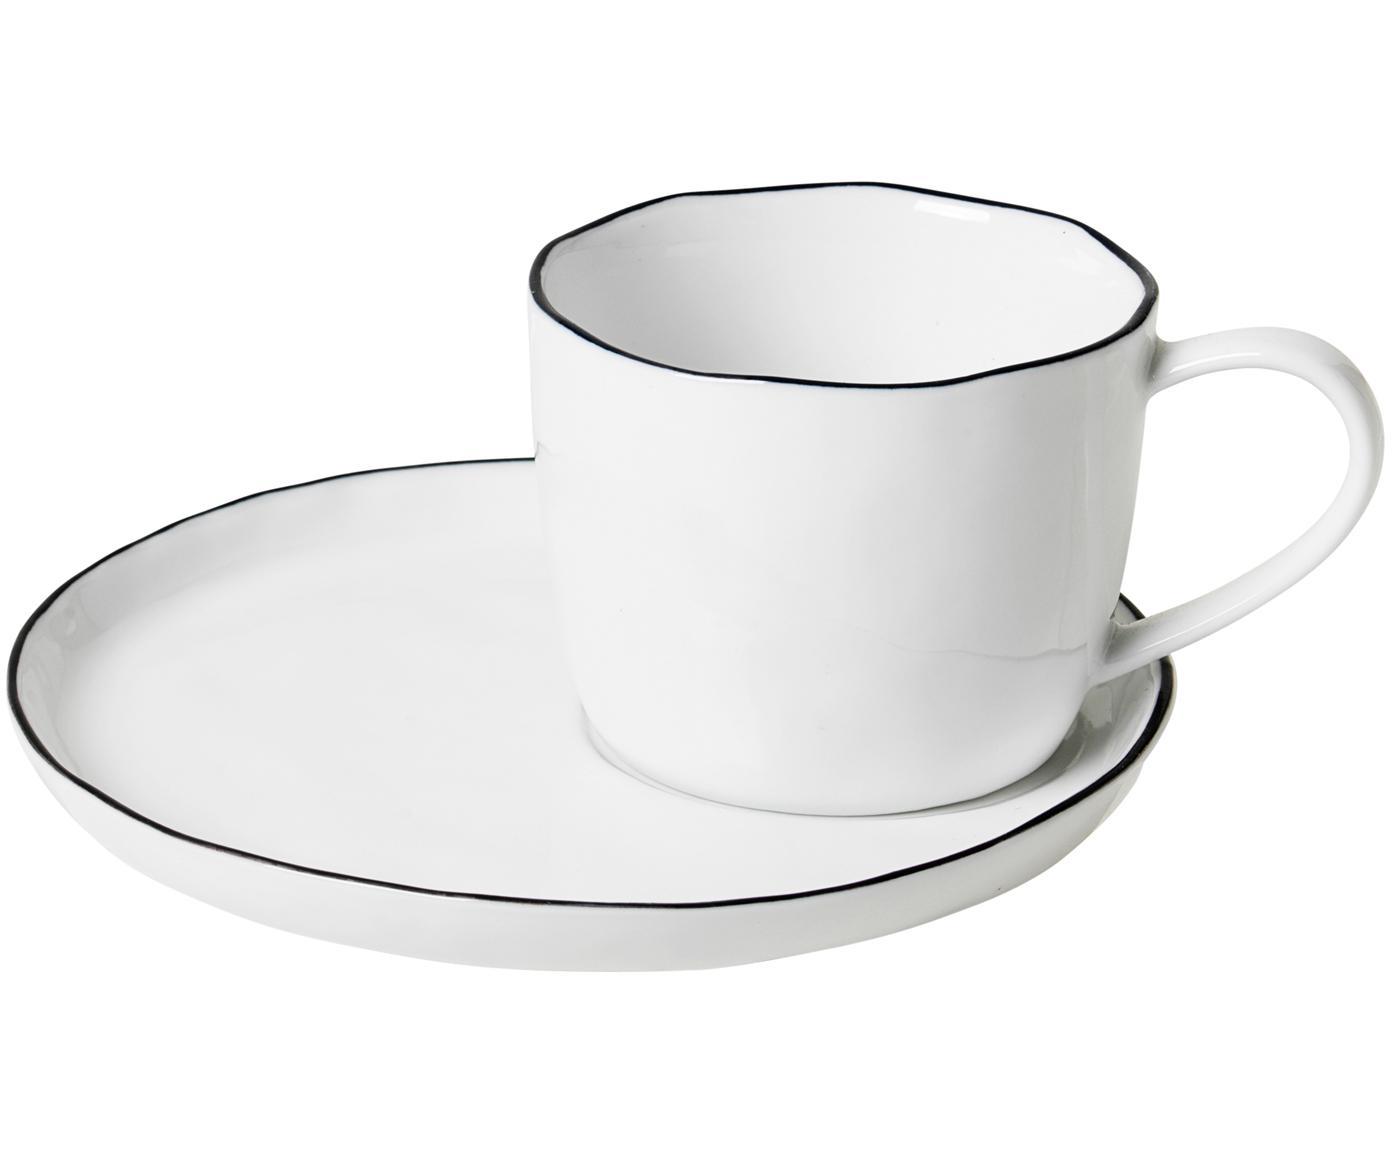 Tazza fatta a mano Salt, Porcellana, Bianco incrinato Bordo: nero, Ø 8 x Alt. 7 cm